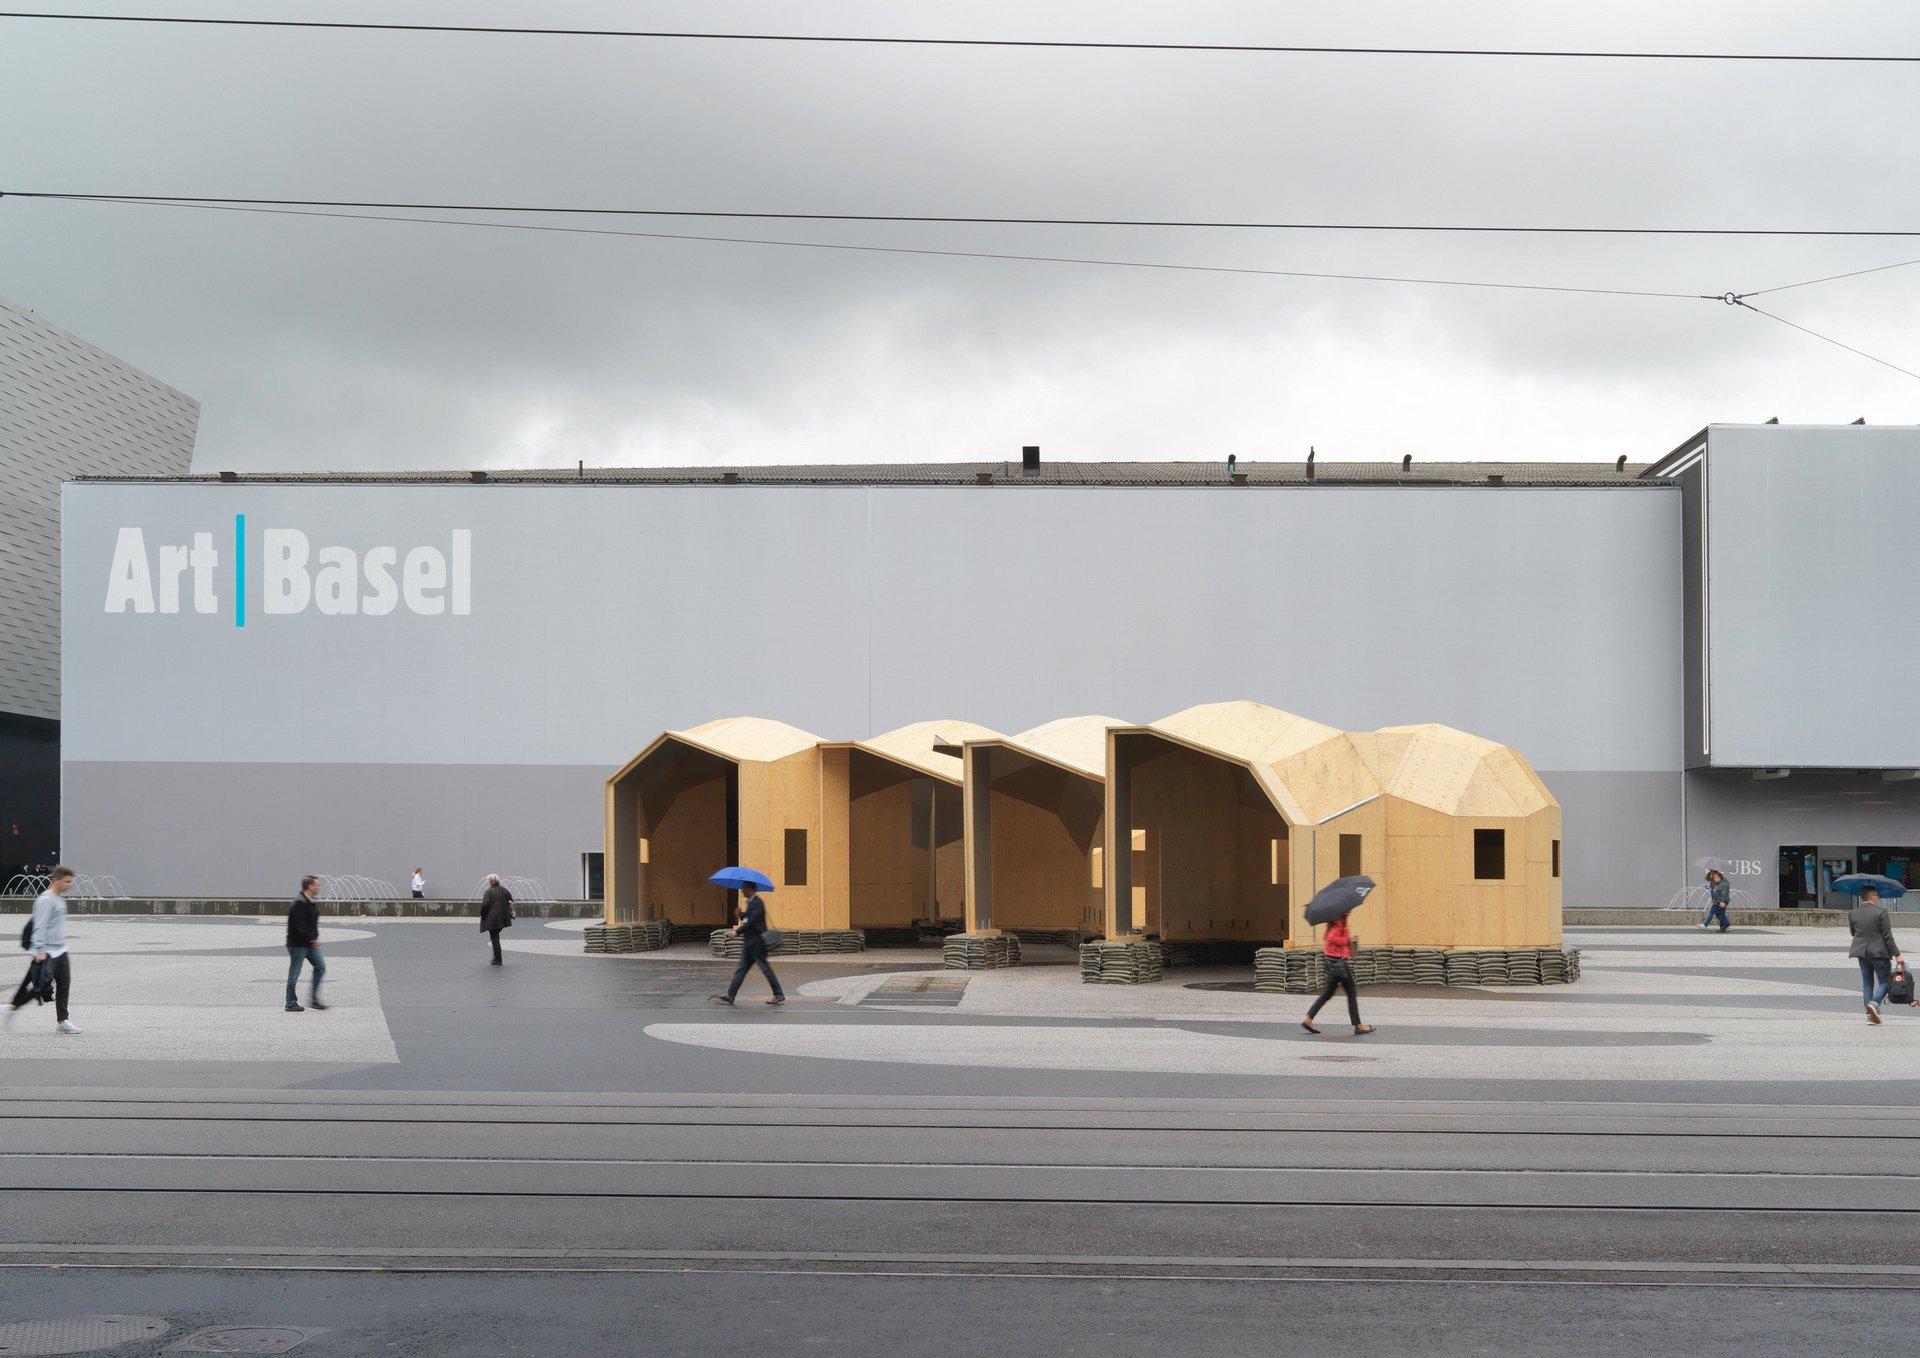 4-teiliges 3-dimensionales Holzkonstrukt aus 3- und 4-eckigen Elementen